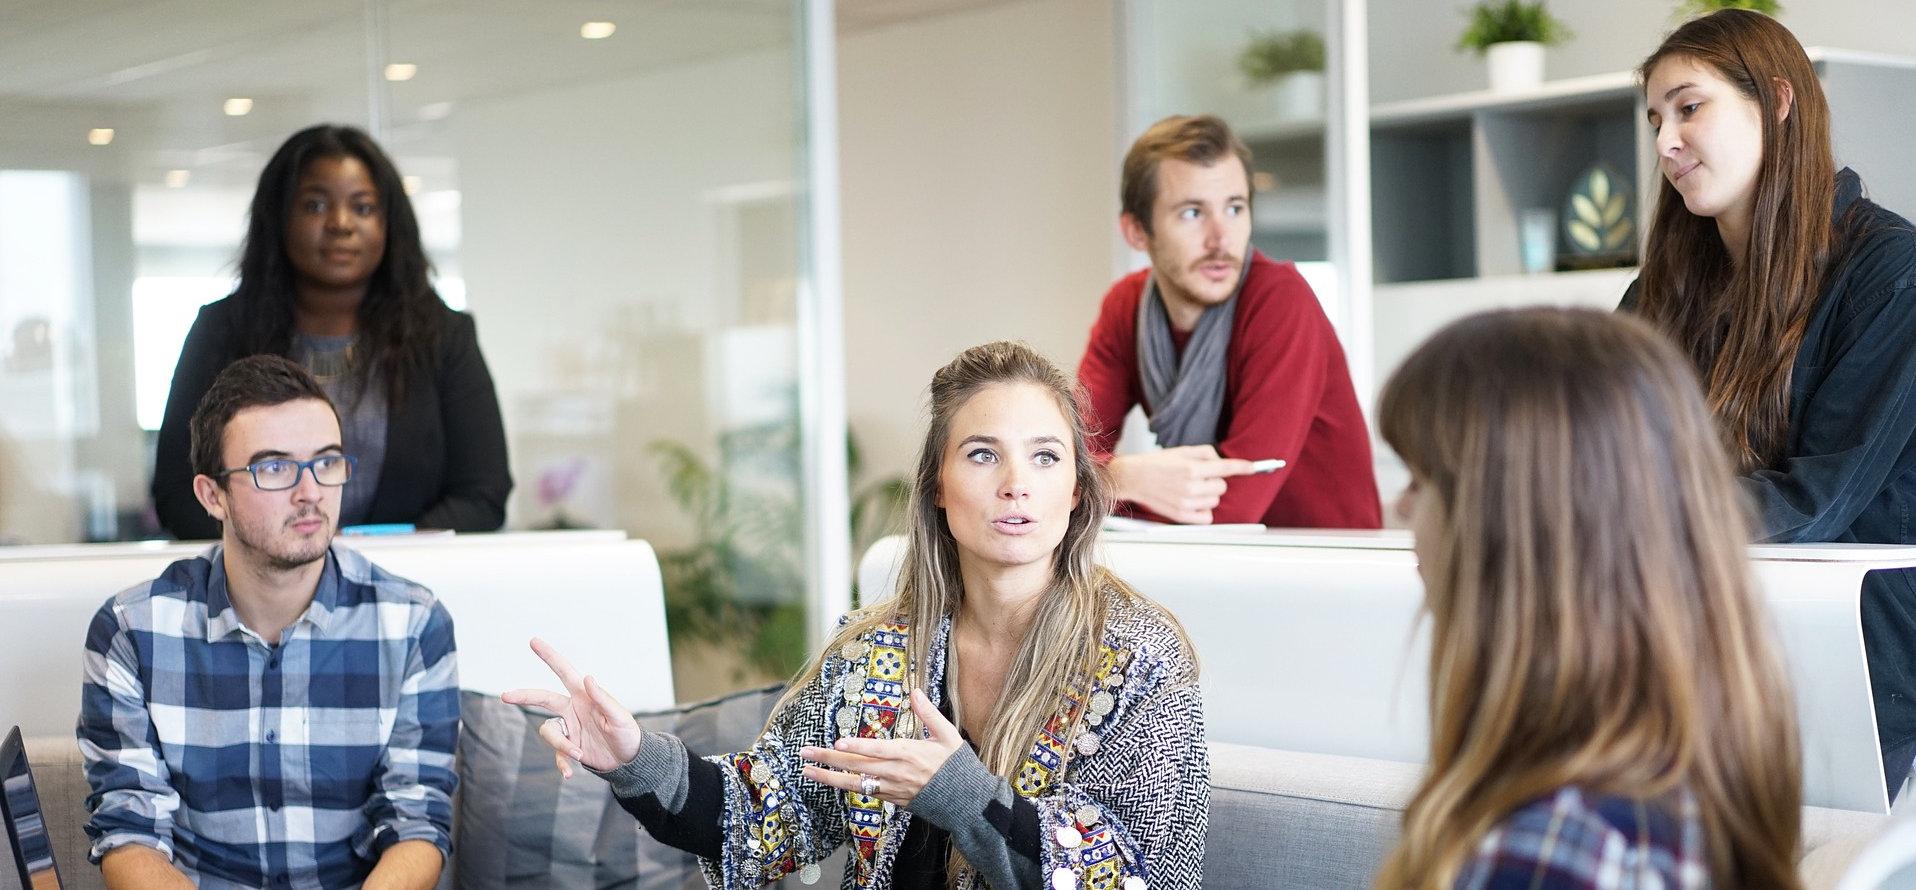 La diversidad corporativa debería ser más que tener una plantilla 'diversa'